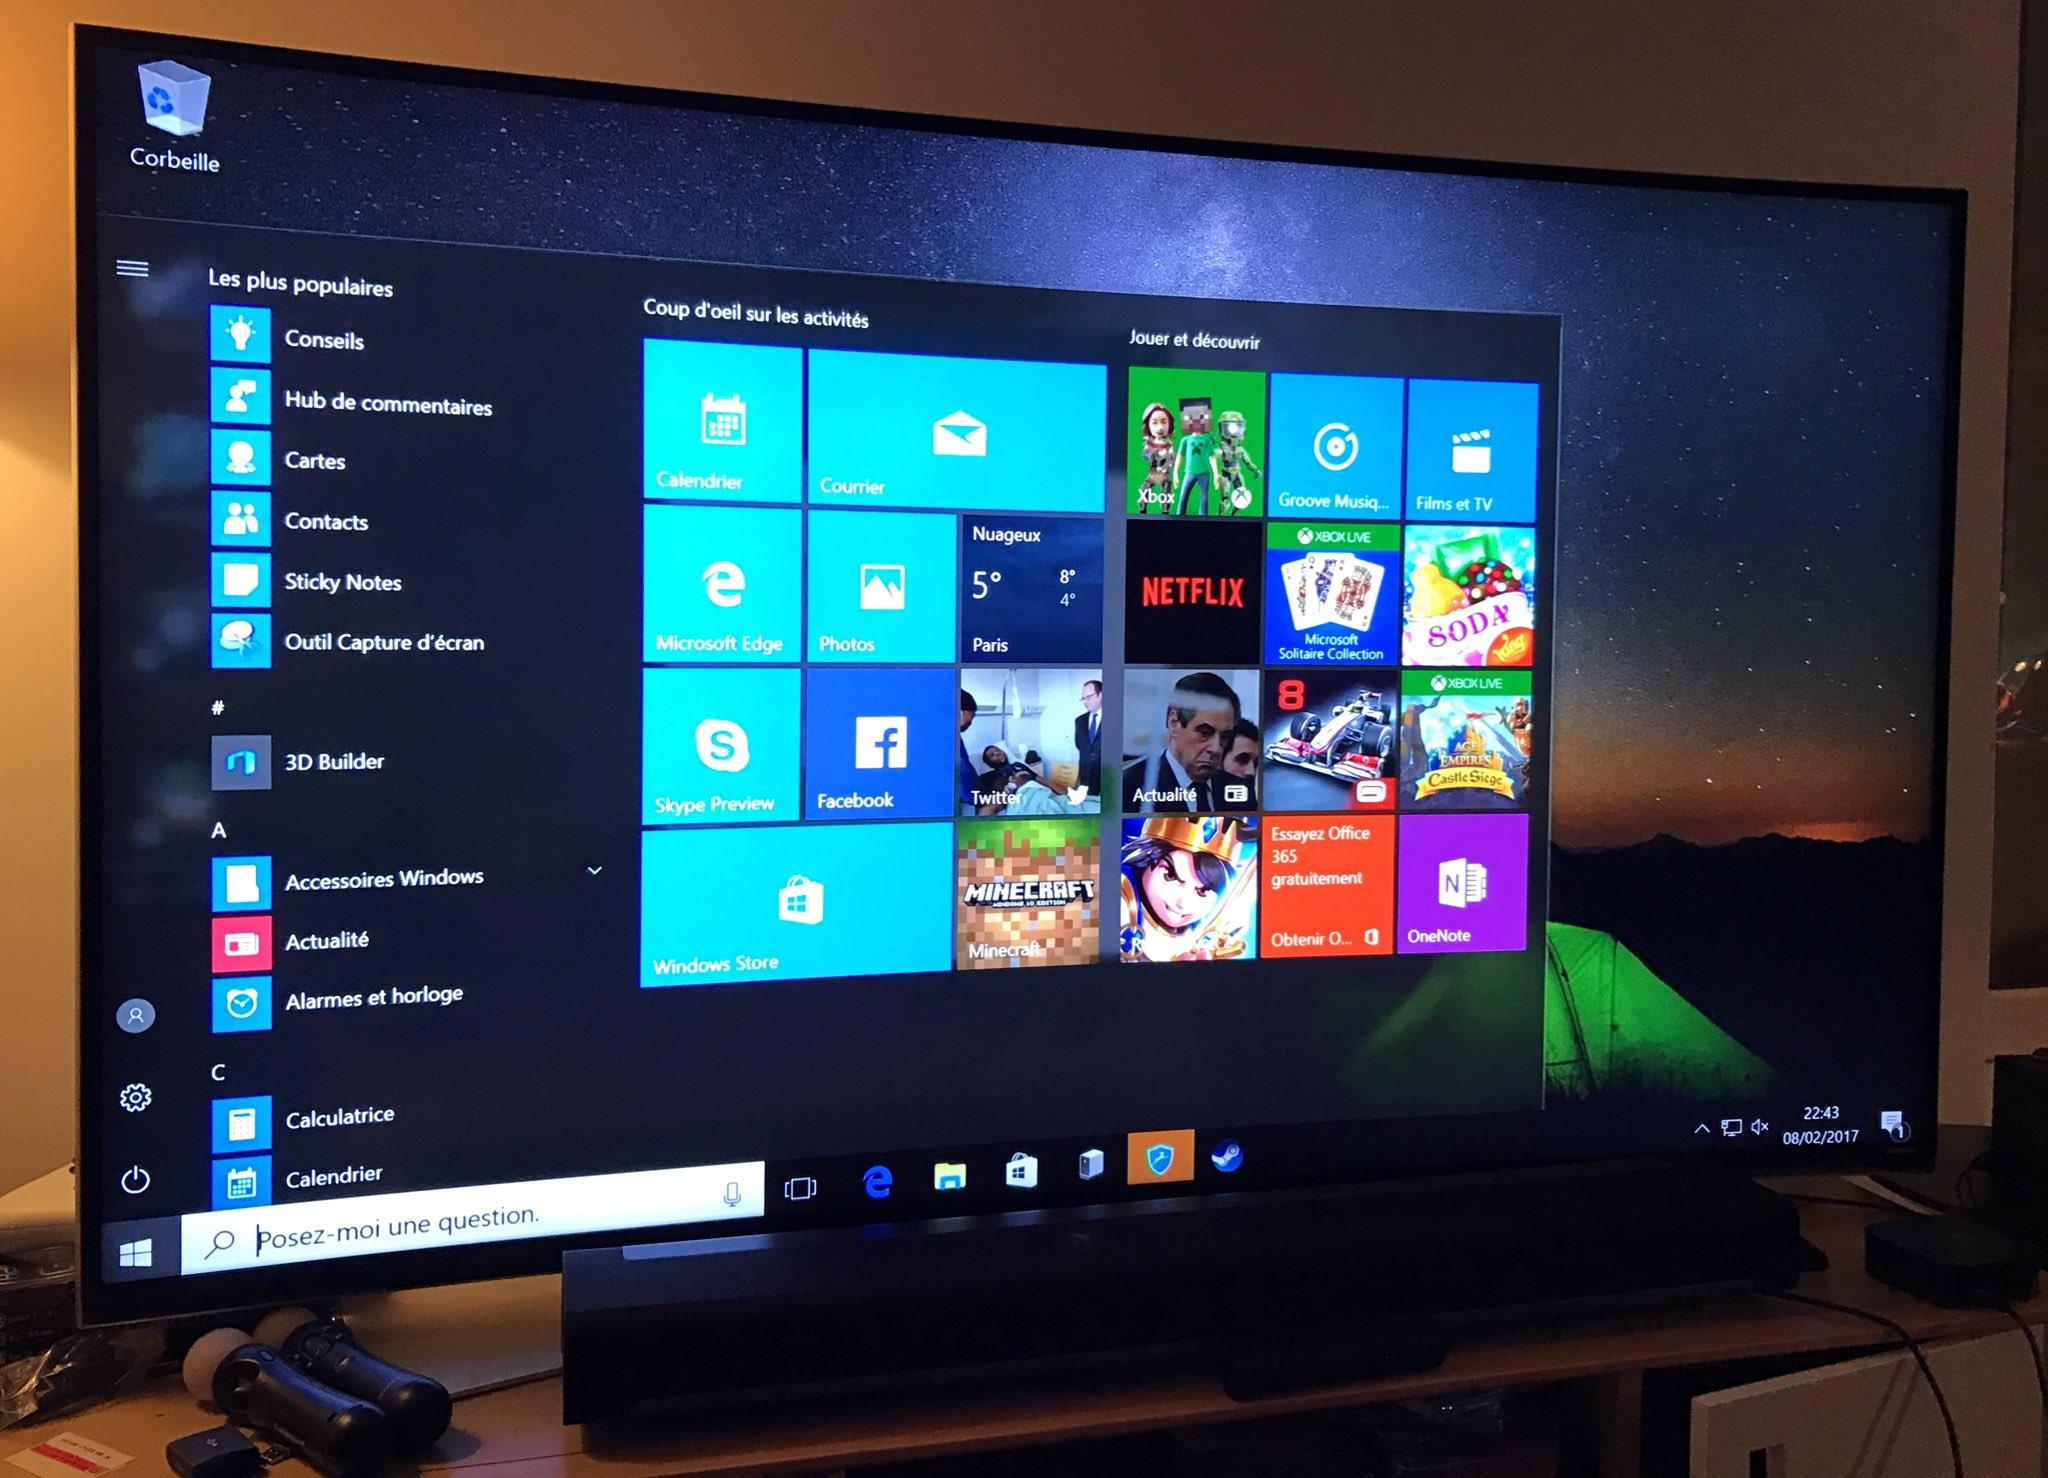 L'interface de Shadow : un PC sous Windows 10